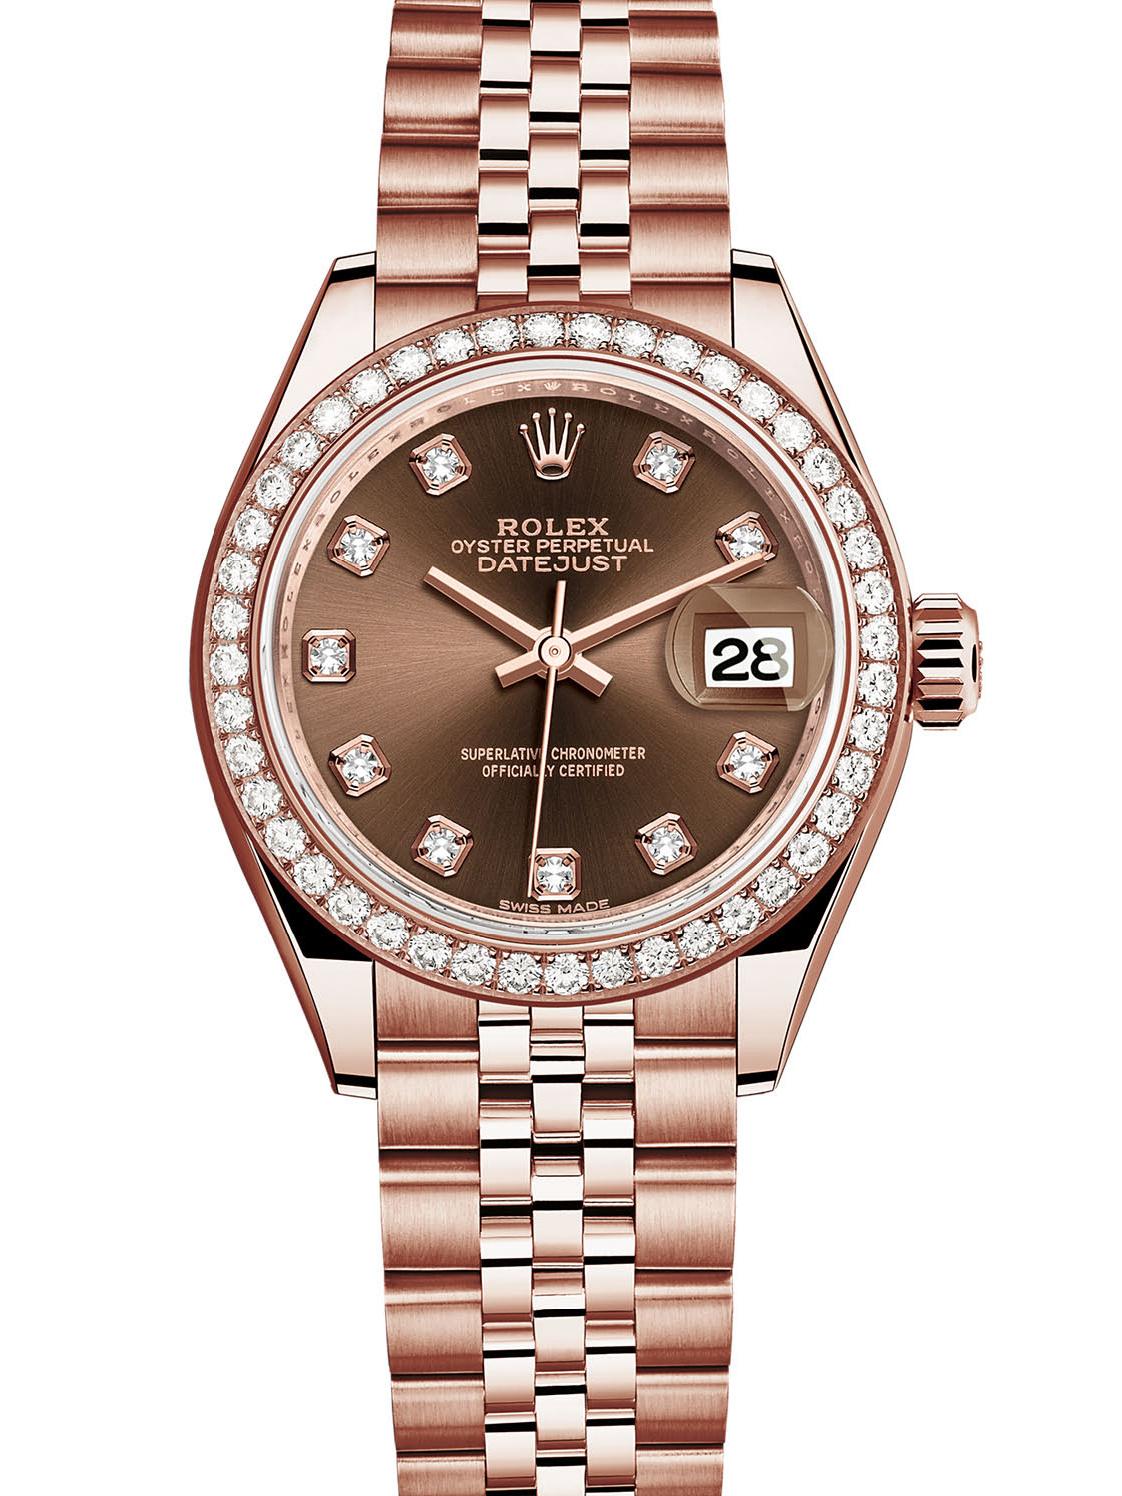 劳力士女装日志型28玫瑰金钻圈棕面钻标女表279135RBR-0018